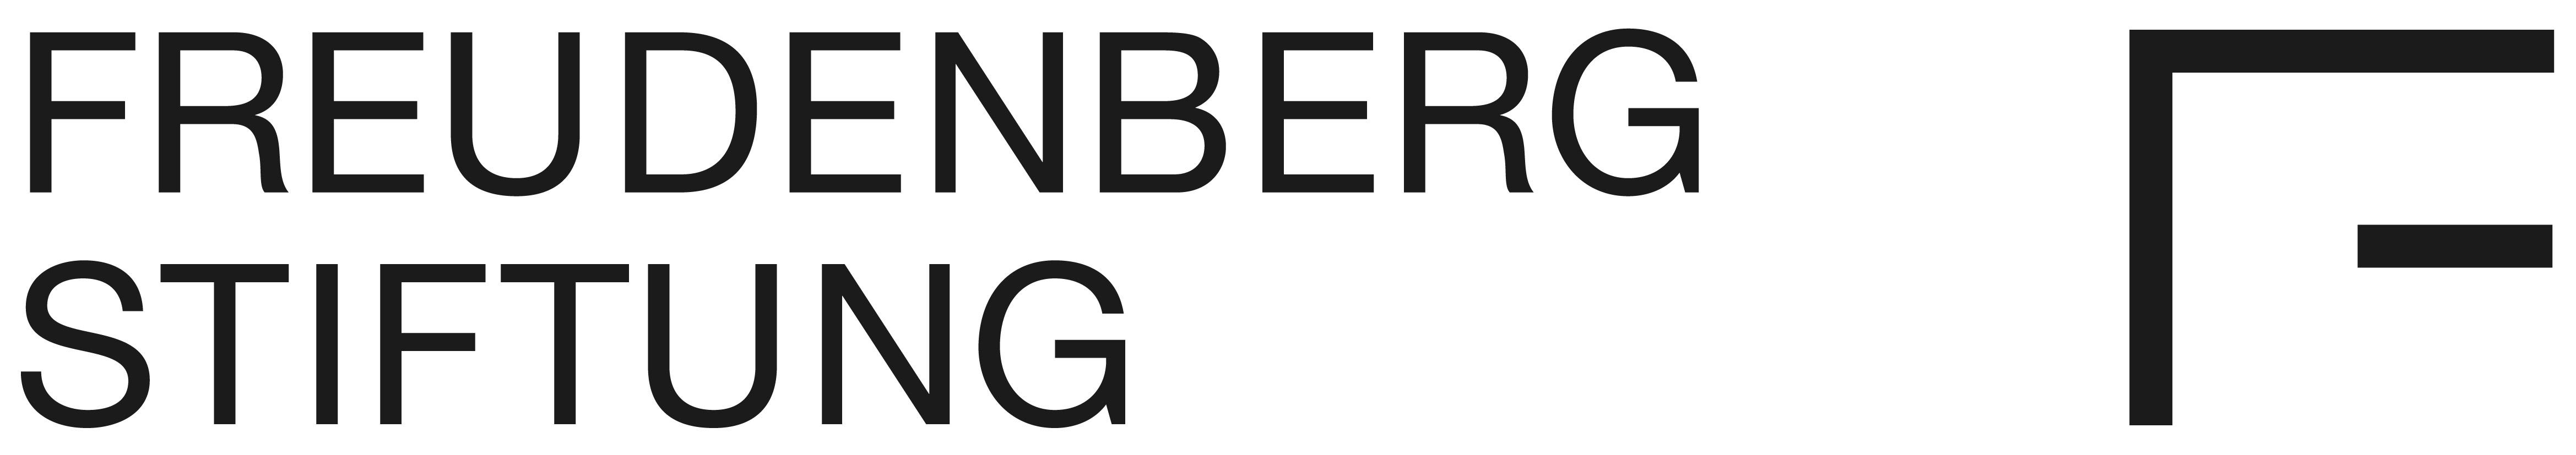 Stiftung Freudenberg